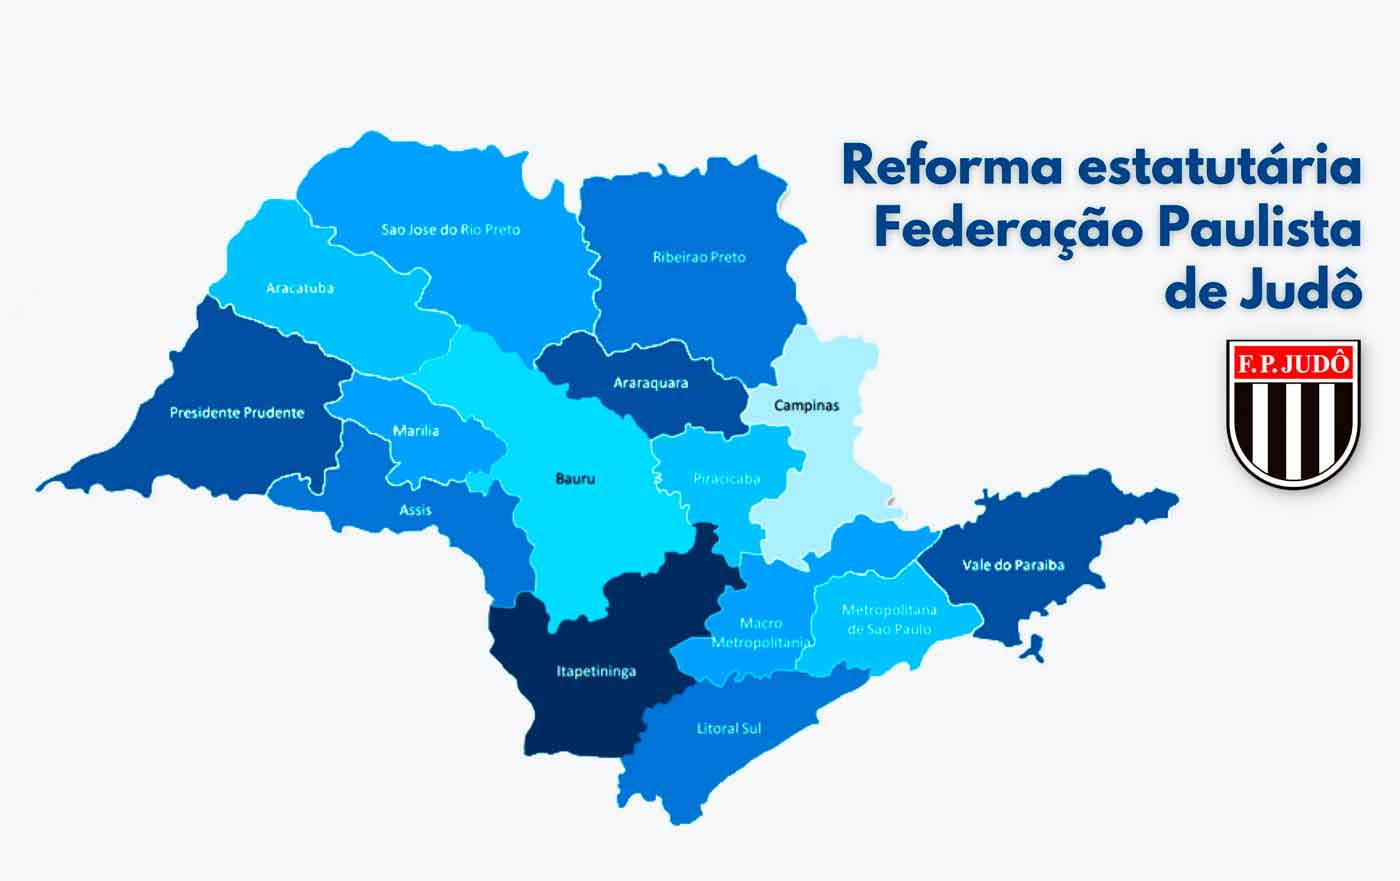 Comitê de reforma estatutária dá início ao processo de readequação e modernização administrativa da FPJudô